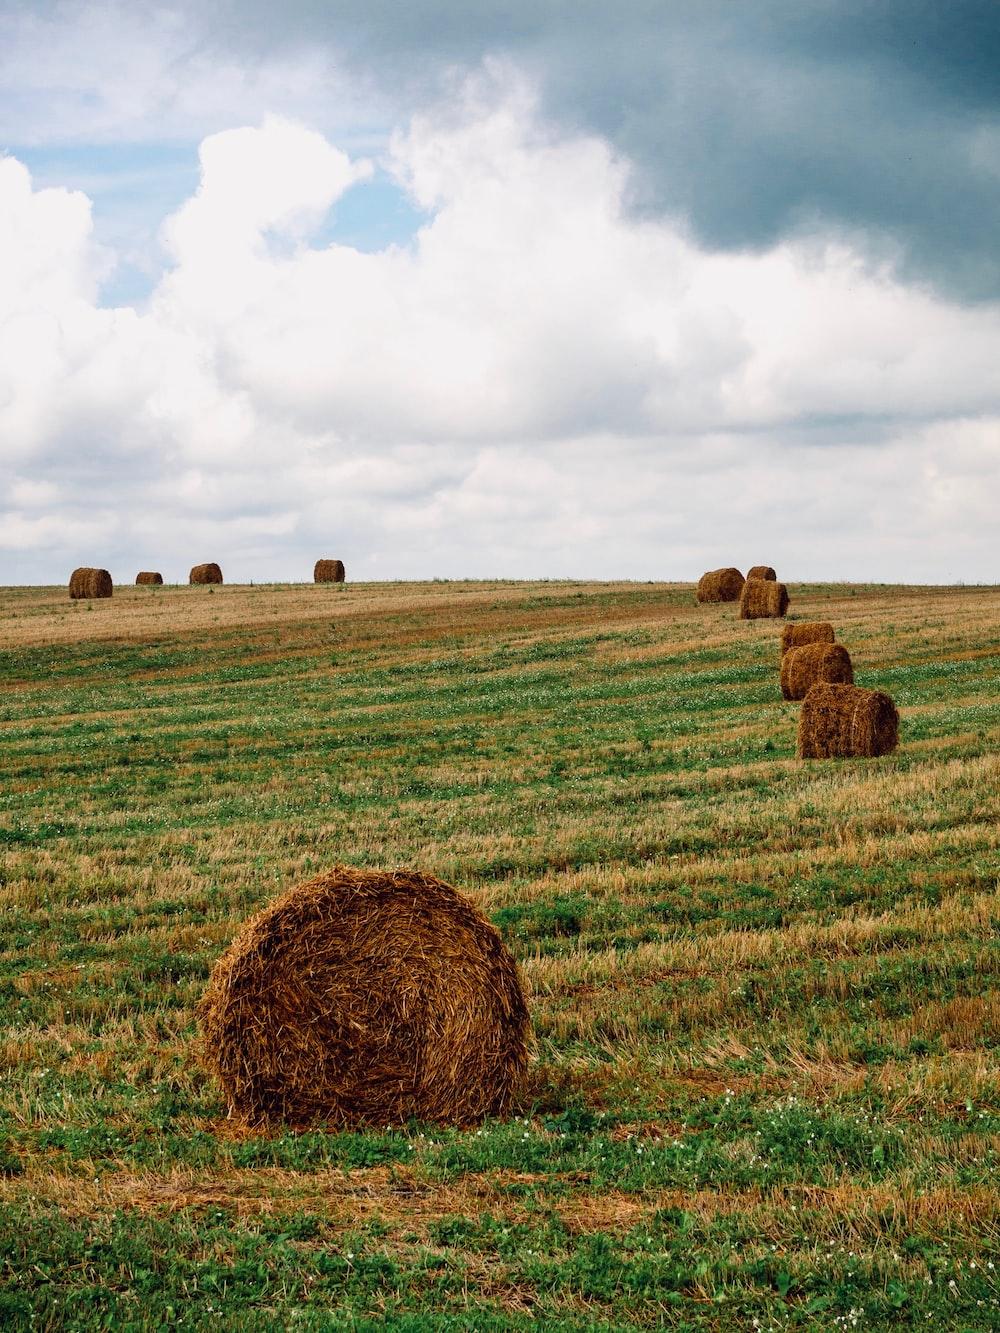 brown hays on brown grass field under white clouds during daytime